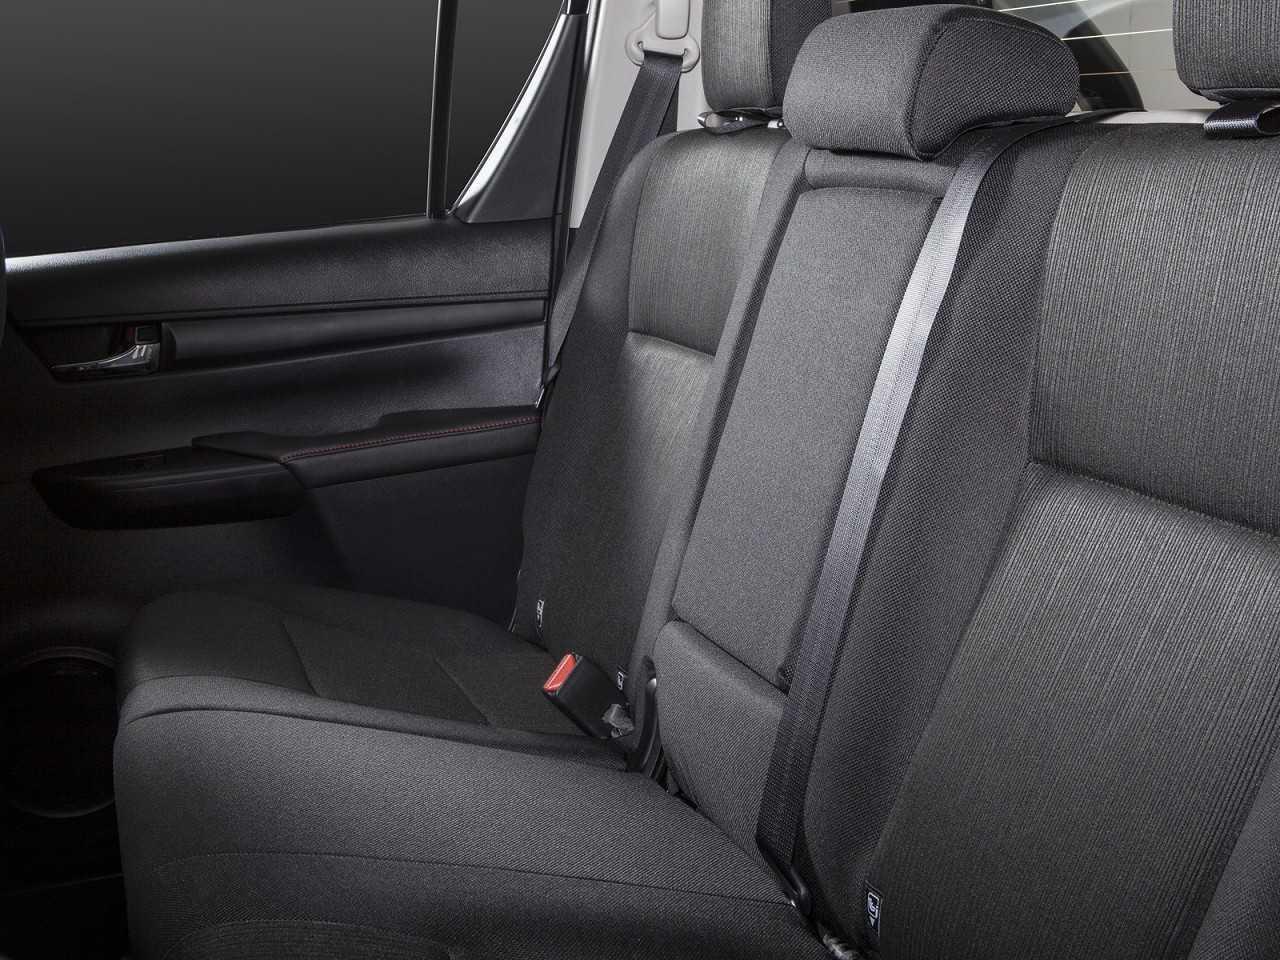 ToyotaHilux 2018 - bancos traseiros